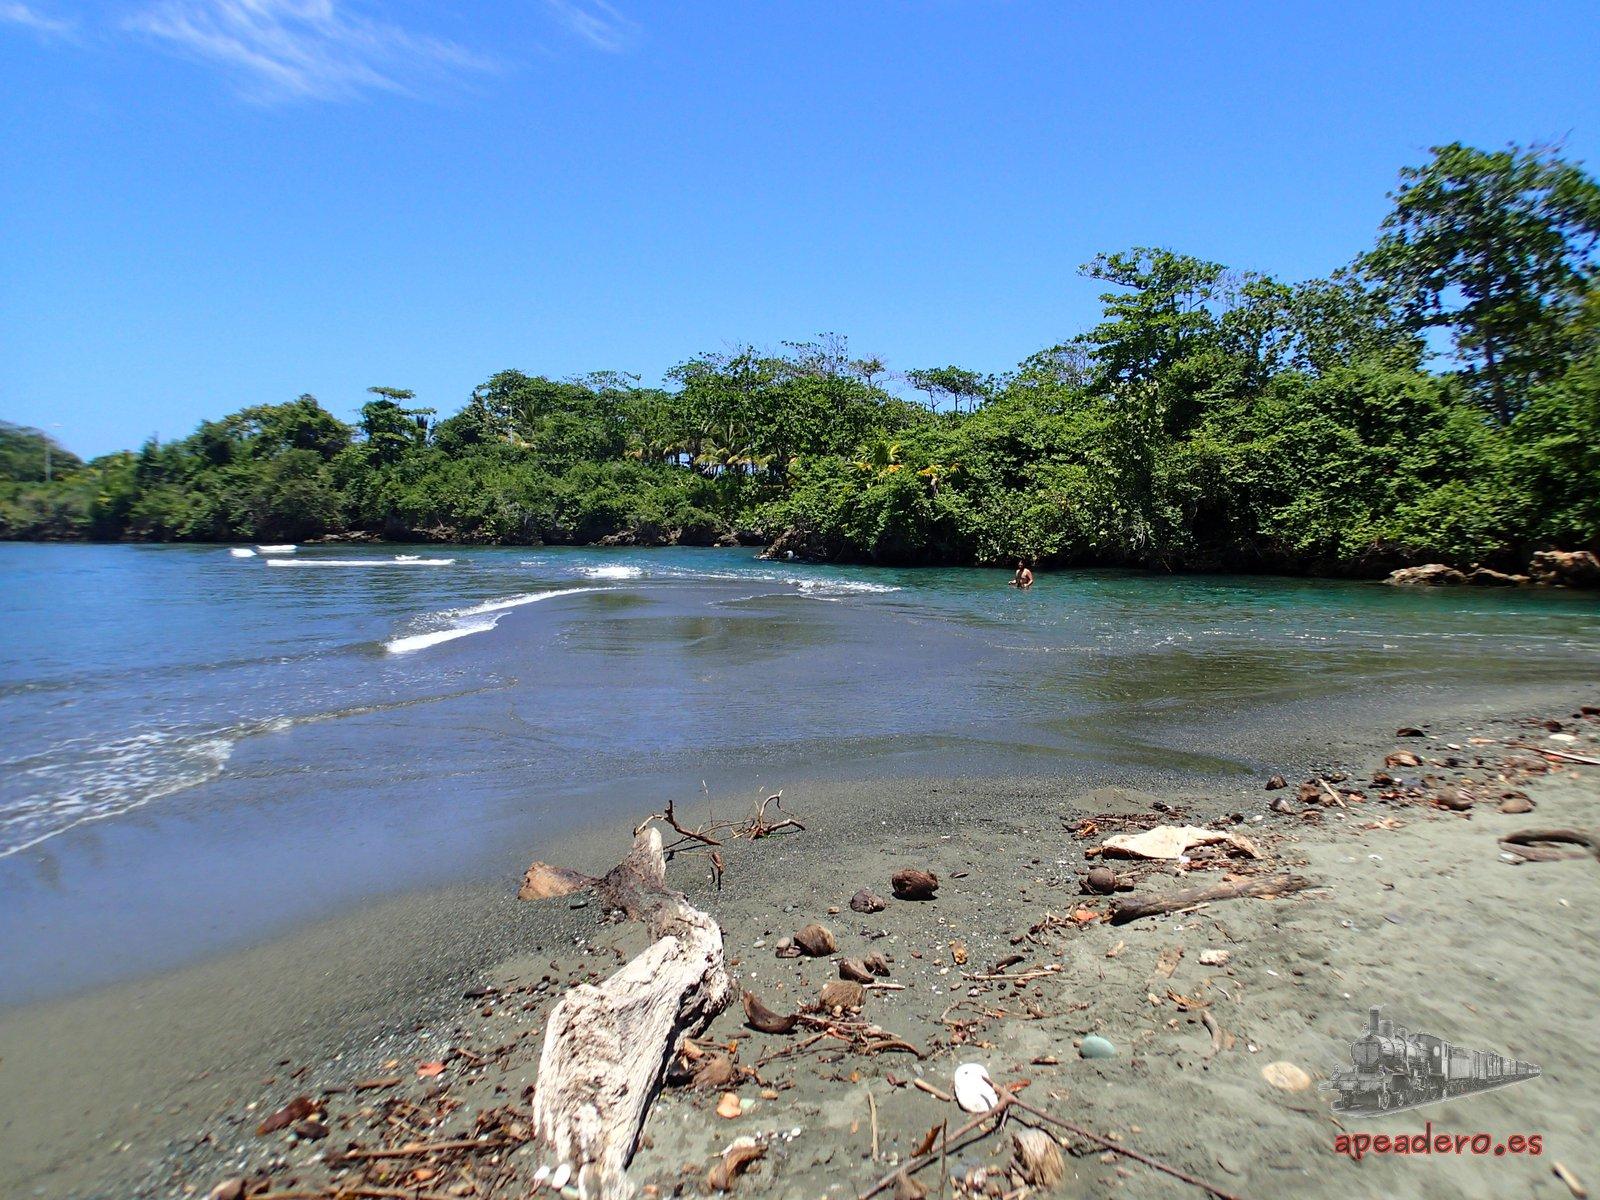 Qué hacer gratis en Baracoa